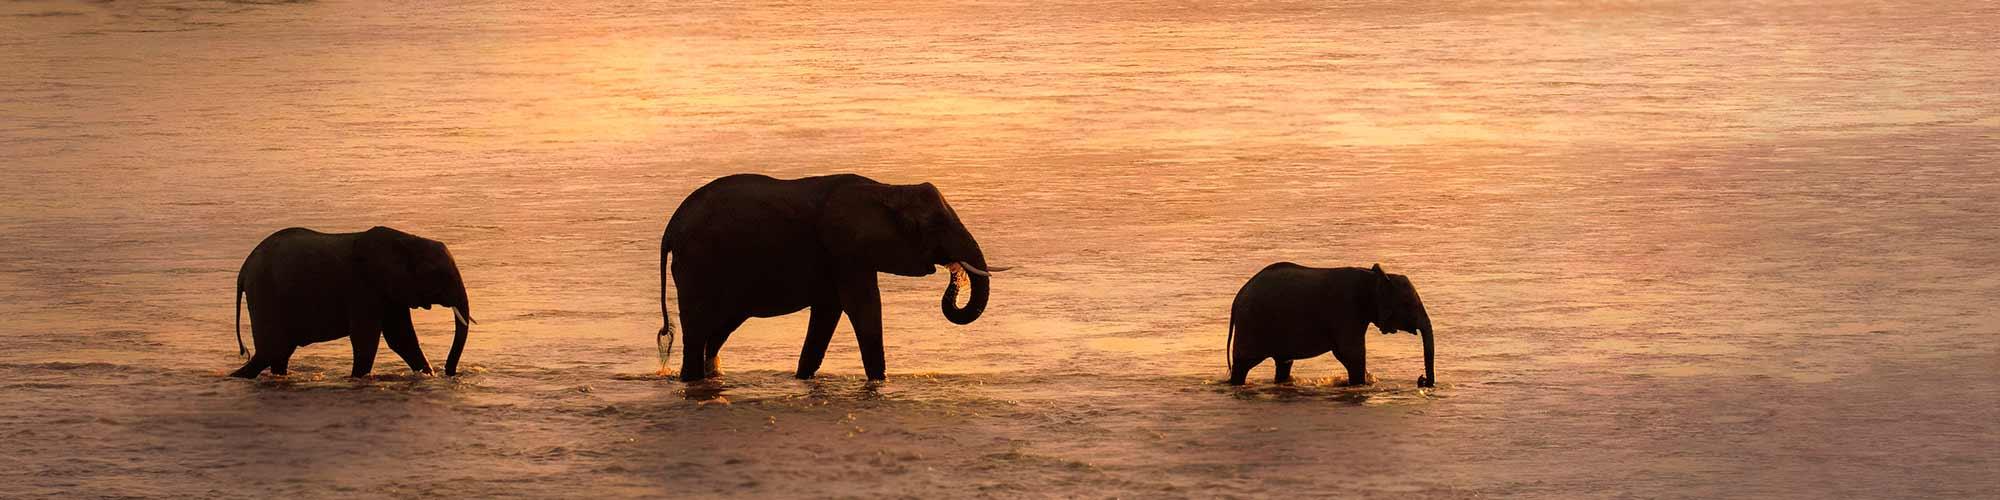 Un crucero diferente: África Austral  - El Pais Viajes